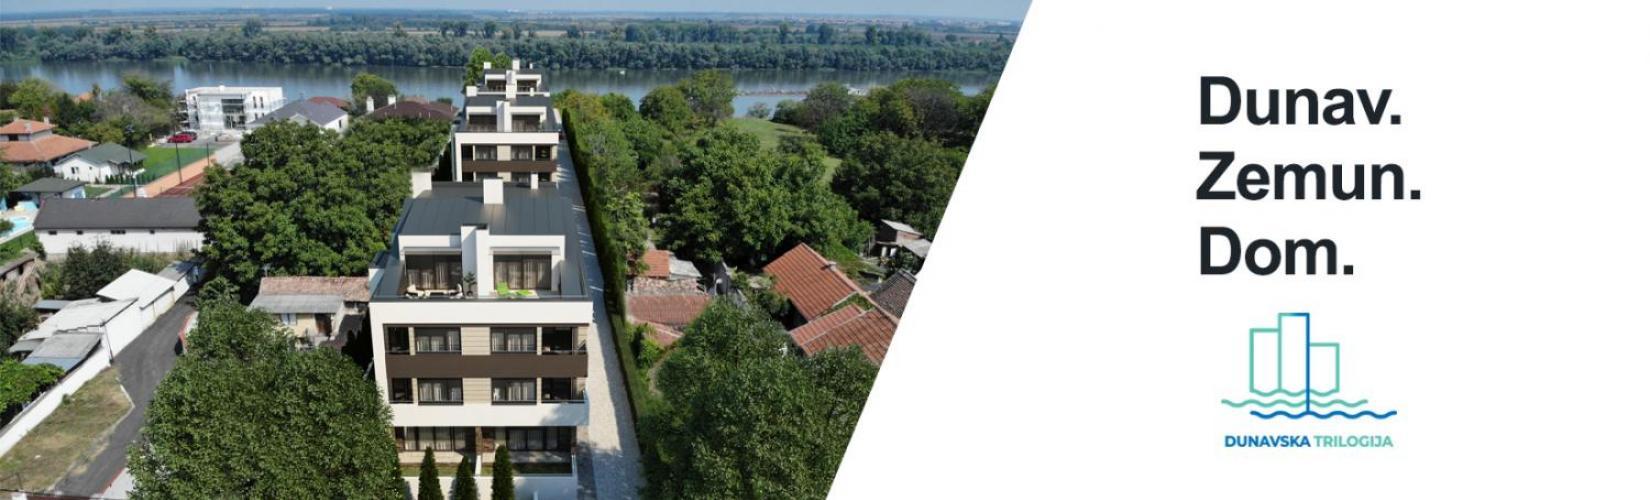 Dunavska Trilogija - novogradnja Zemun